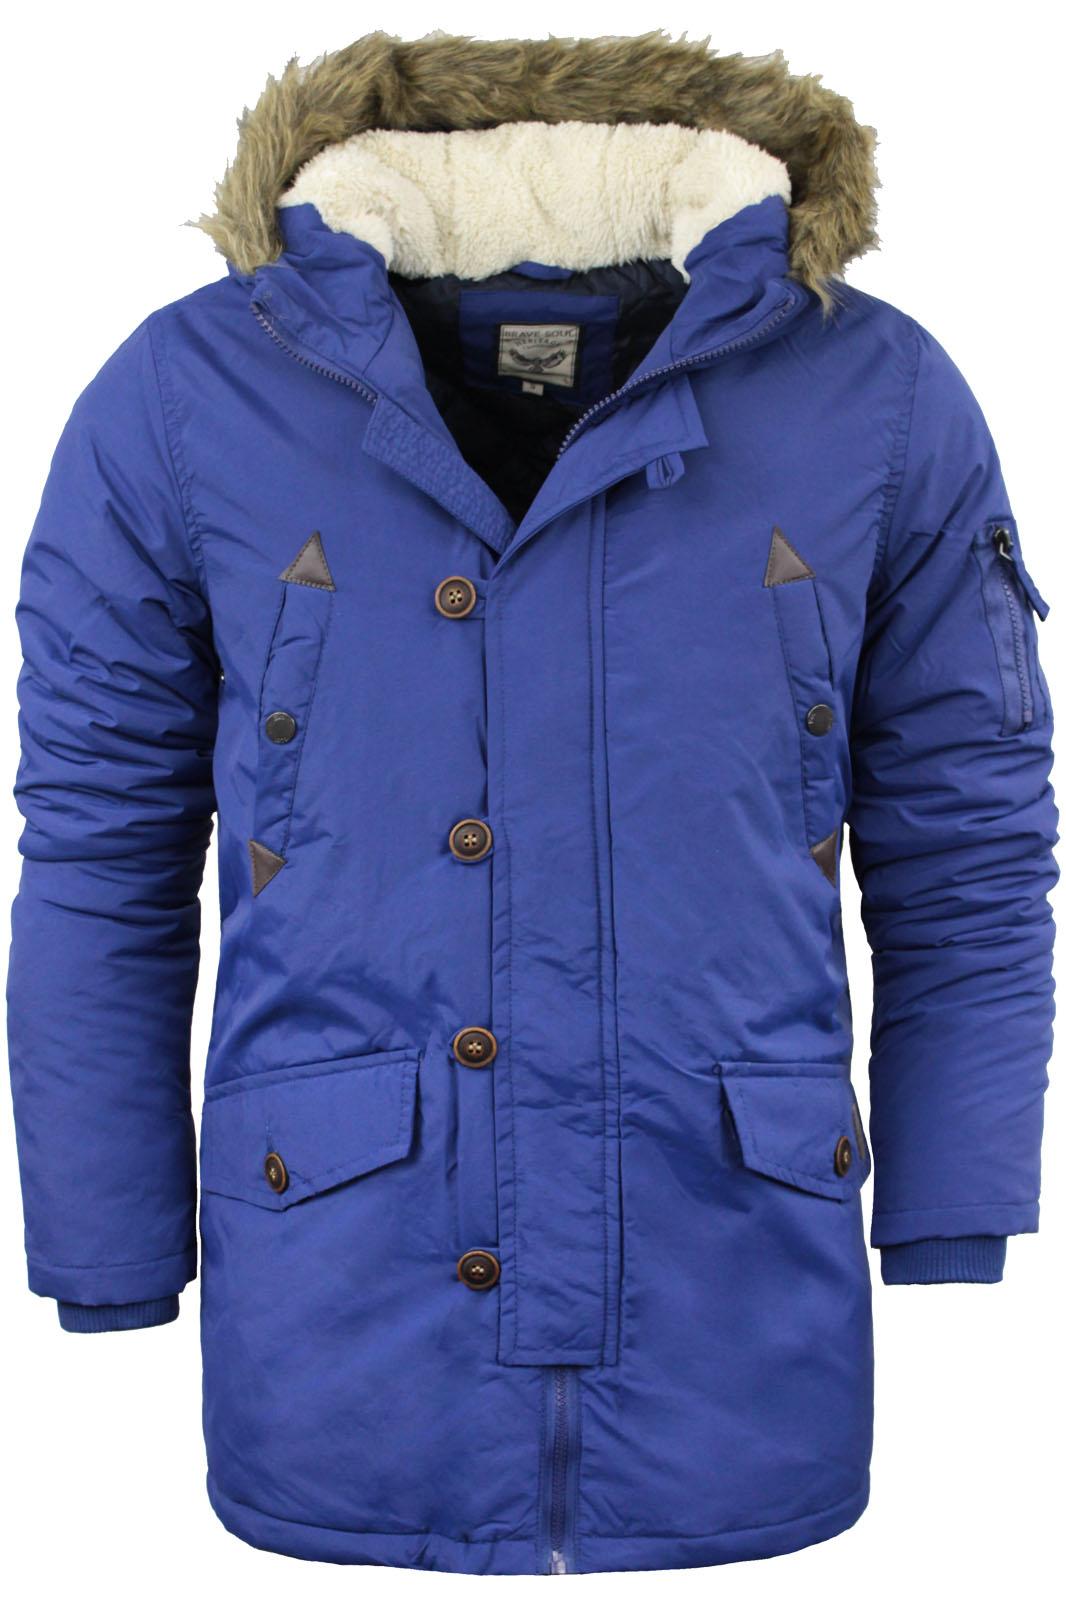 Mens Brave Soul Parka Parker Padded Lined Winter Jacket